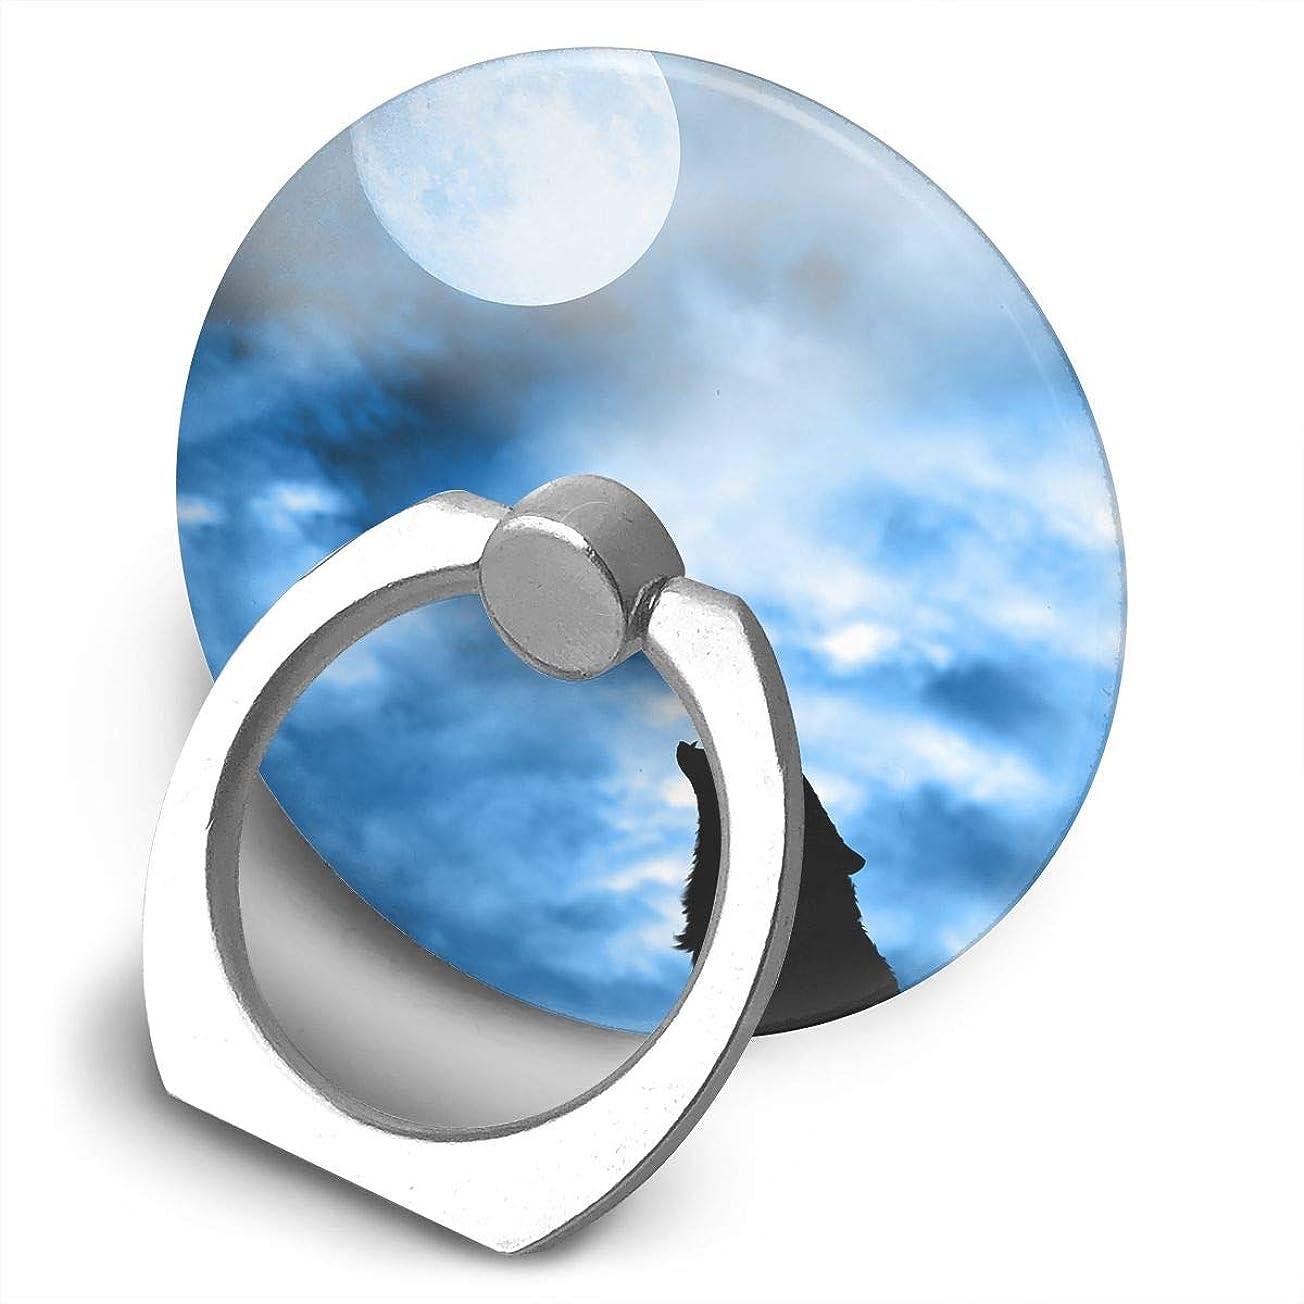 素晴らしき惑星衝突コースシルエットのオオカミ 360度回転 携帯リング スタンド スマホスタンド ホルダー 薄型 指輪 リング 携帯アクセサリースタンド機能 落下防止